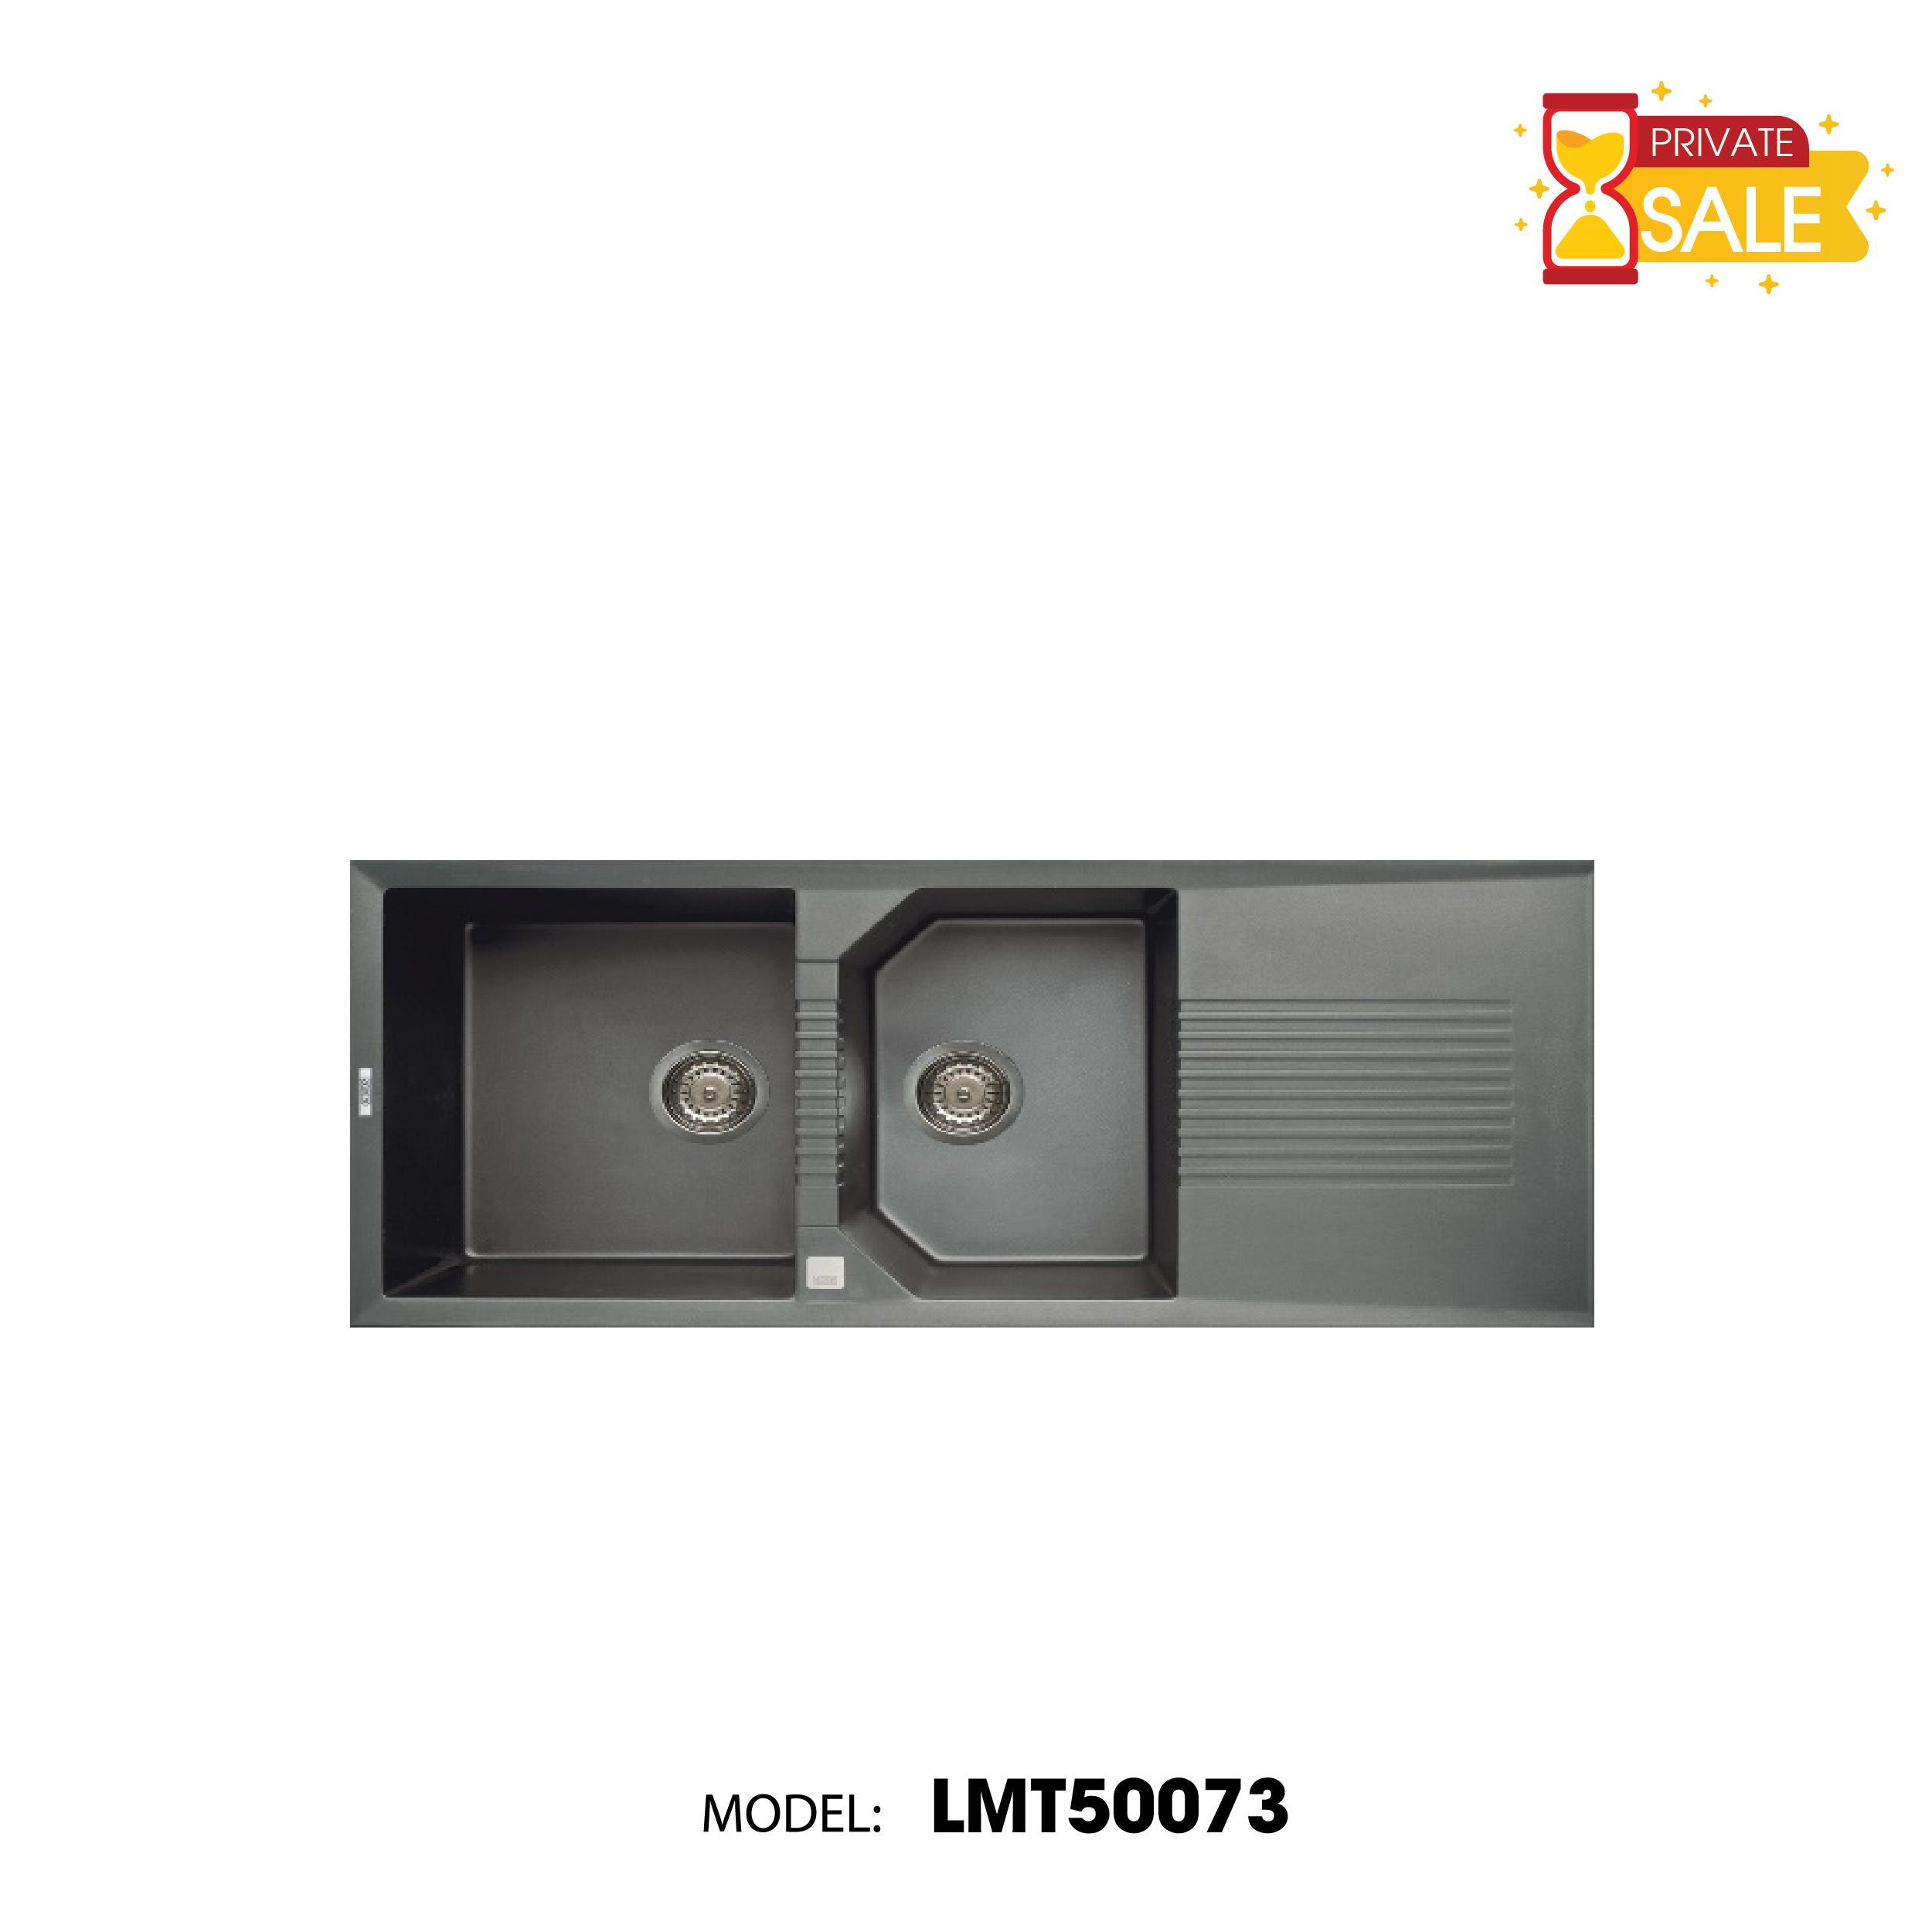 CHẬU ĐÁ TỰ NHIÊN ELLECI MODEL TEKNO 500 LMT50073